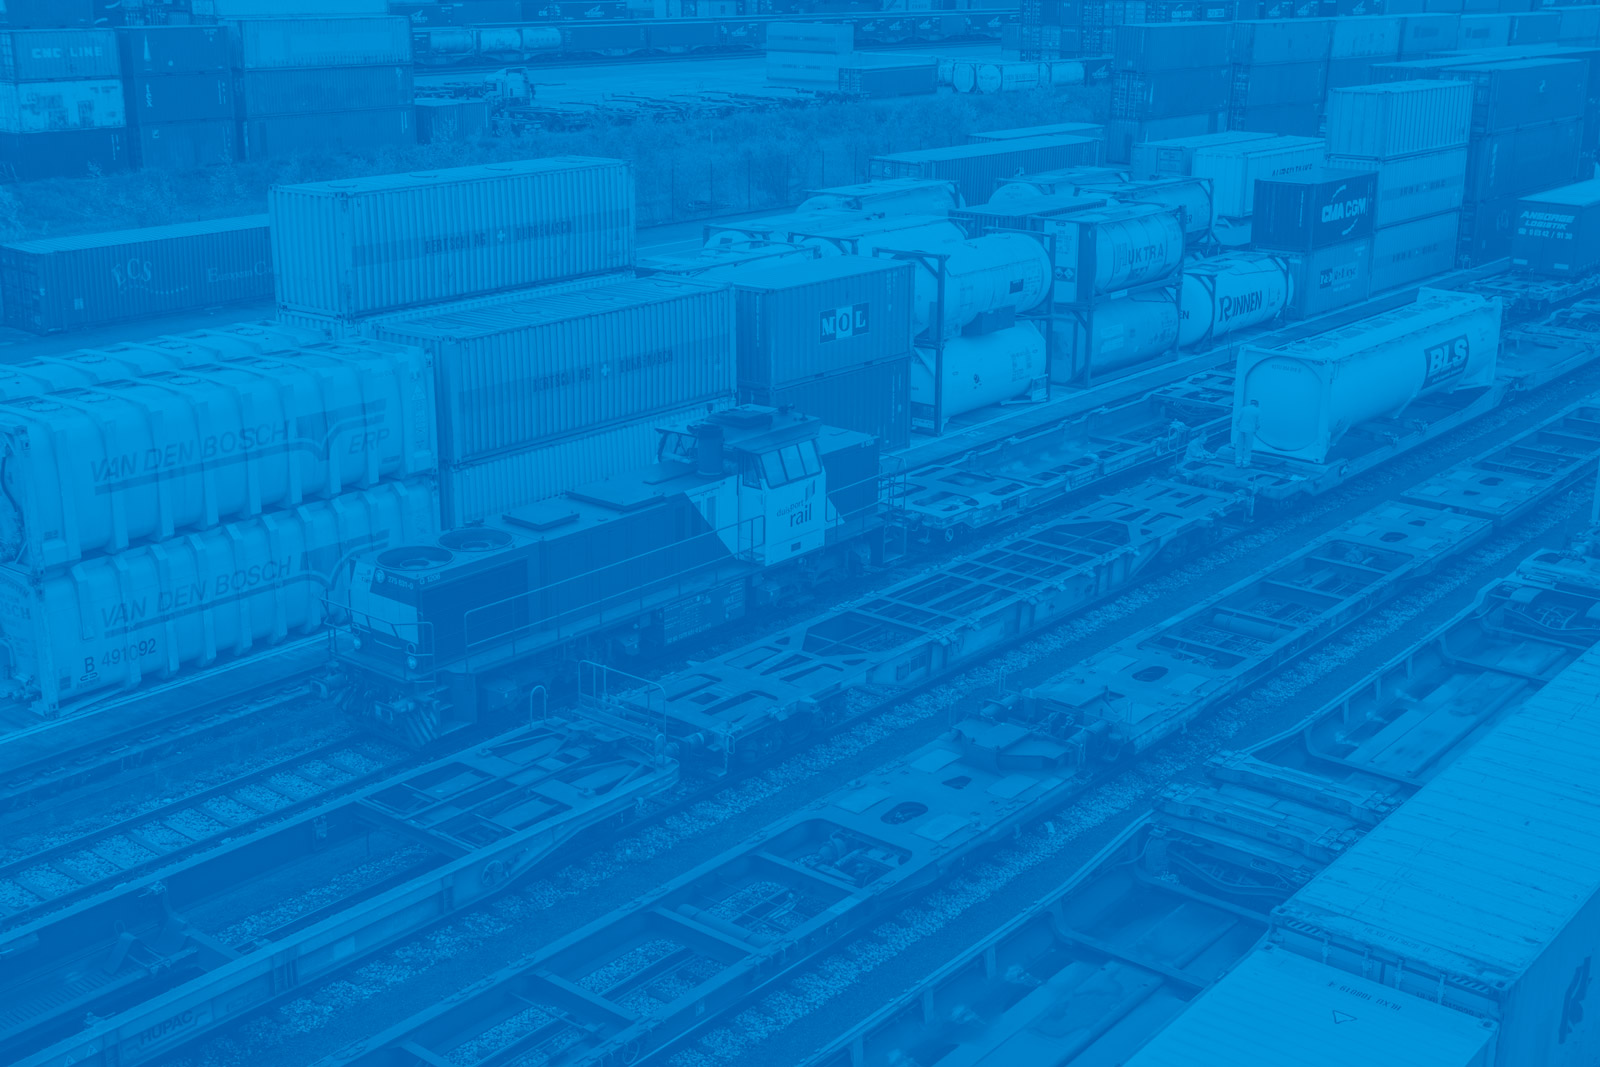 Schienenverkehr bei duisport in blau